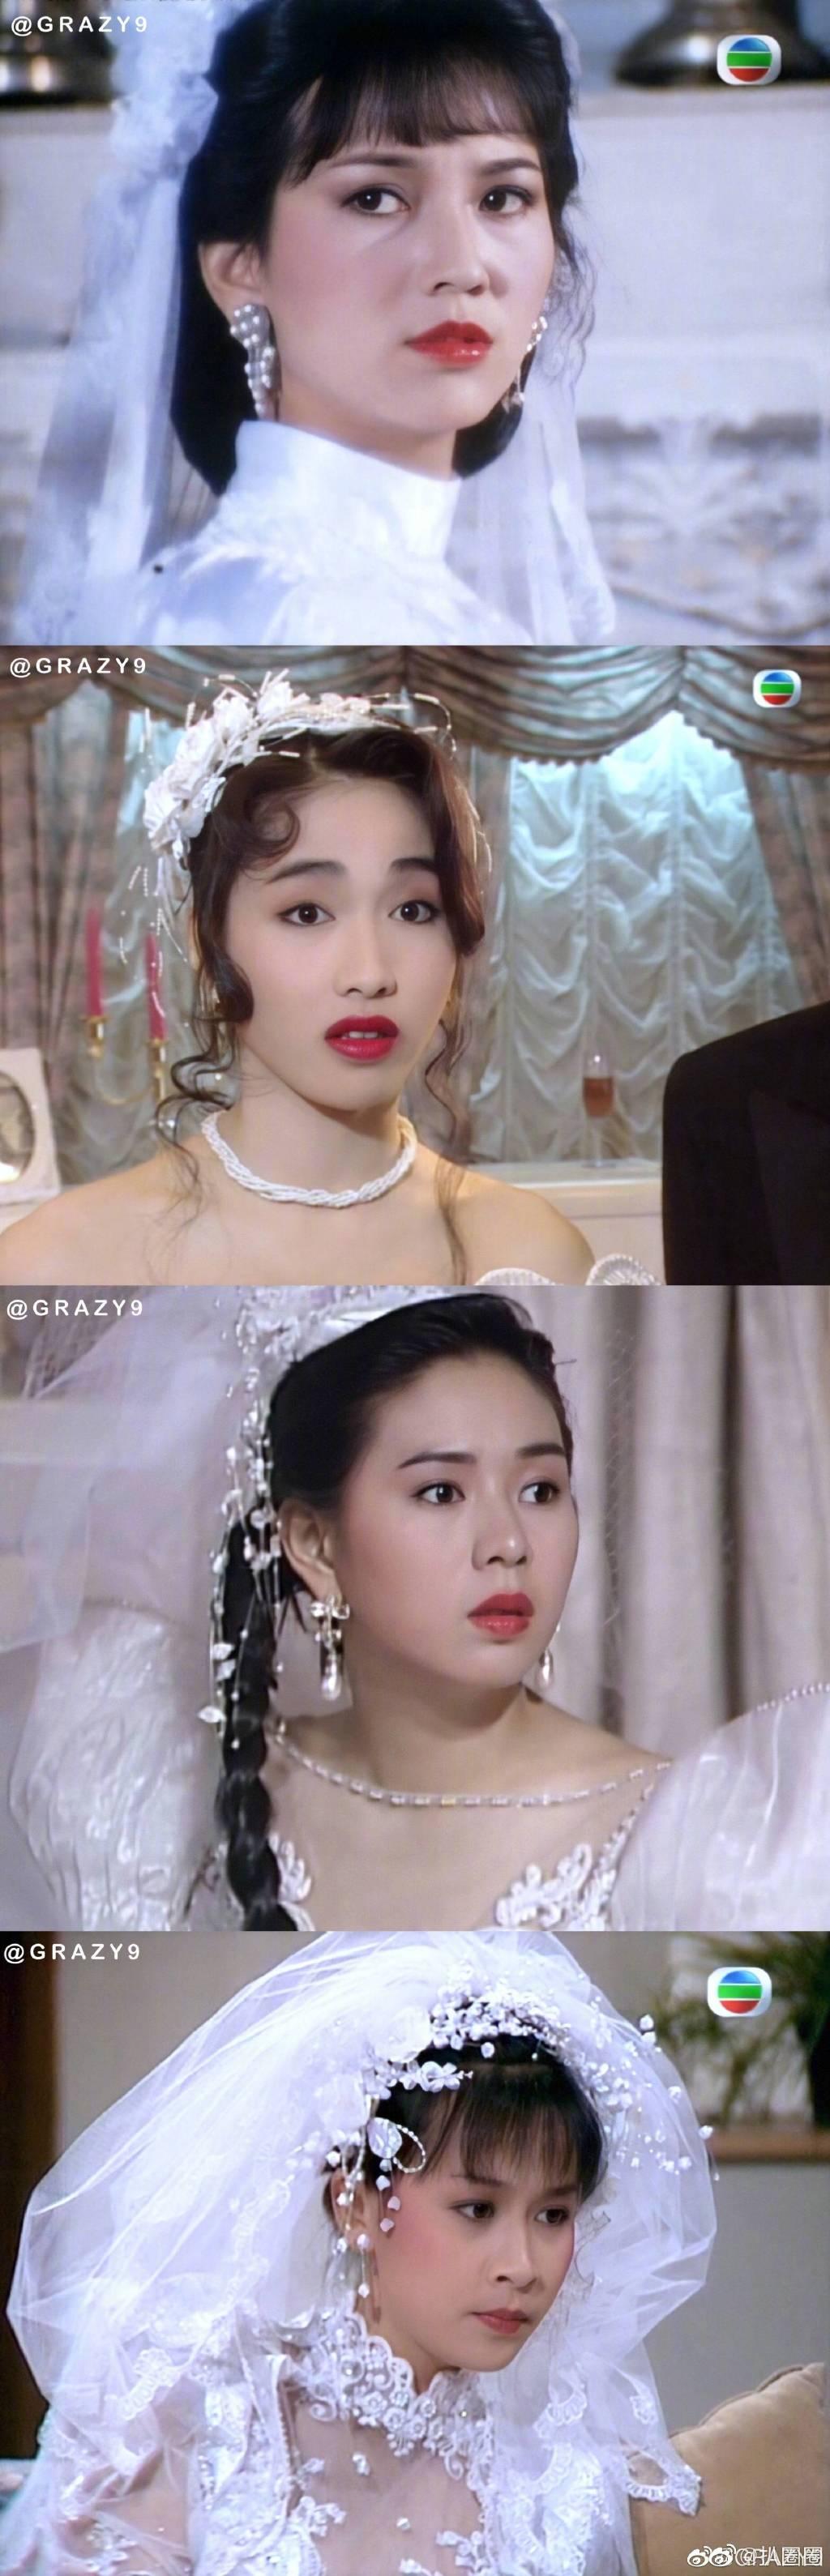 林青霞、王祖贤、关之琳…最全港风明星婚纱照合集来袭